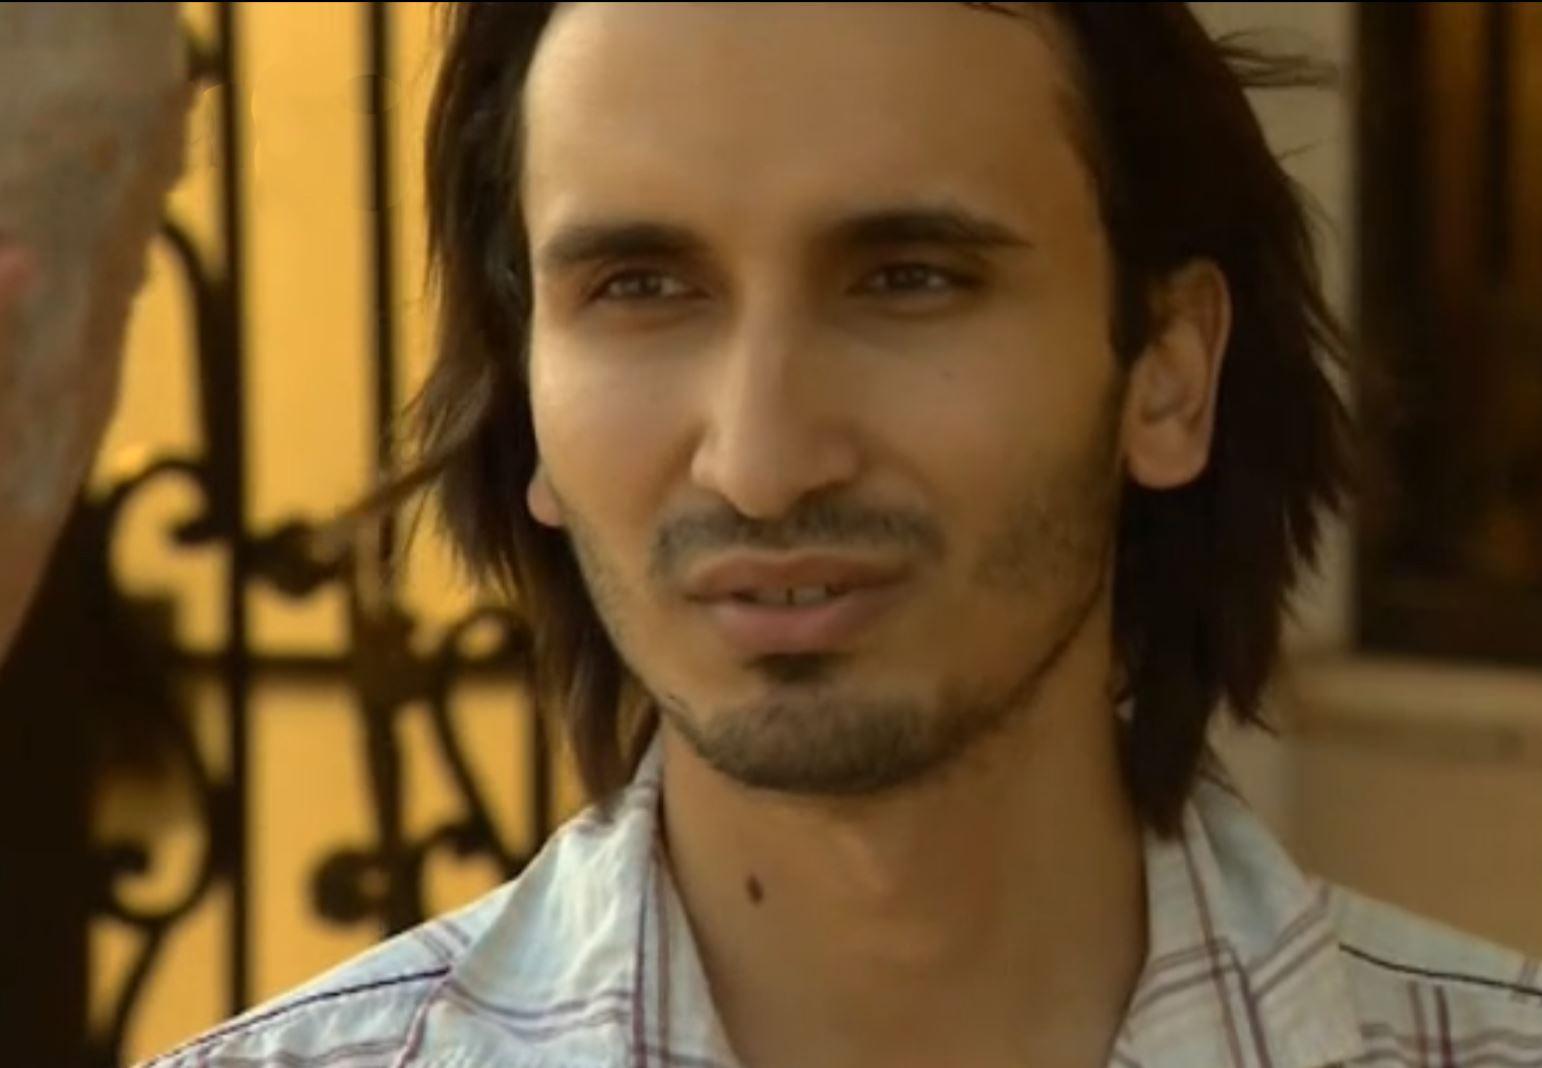 Khaled al-Megrahi